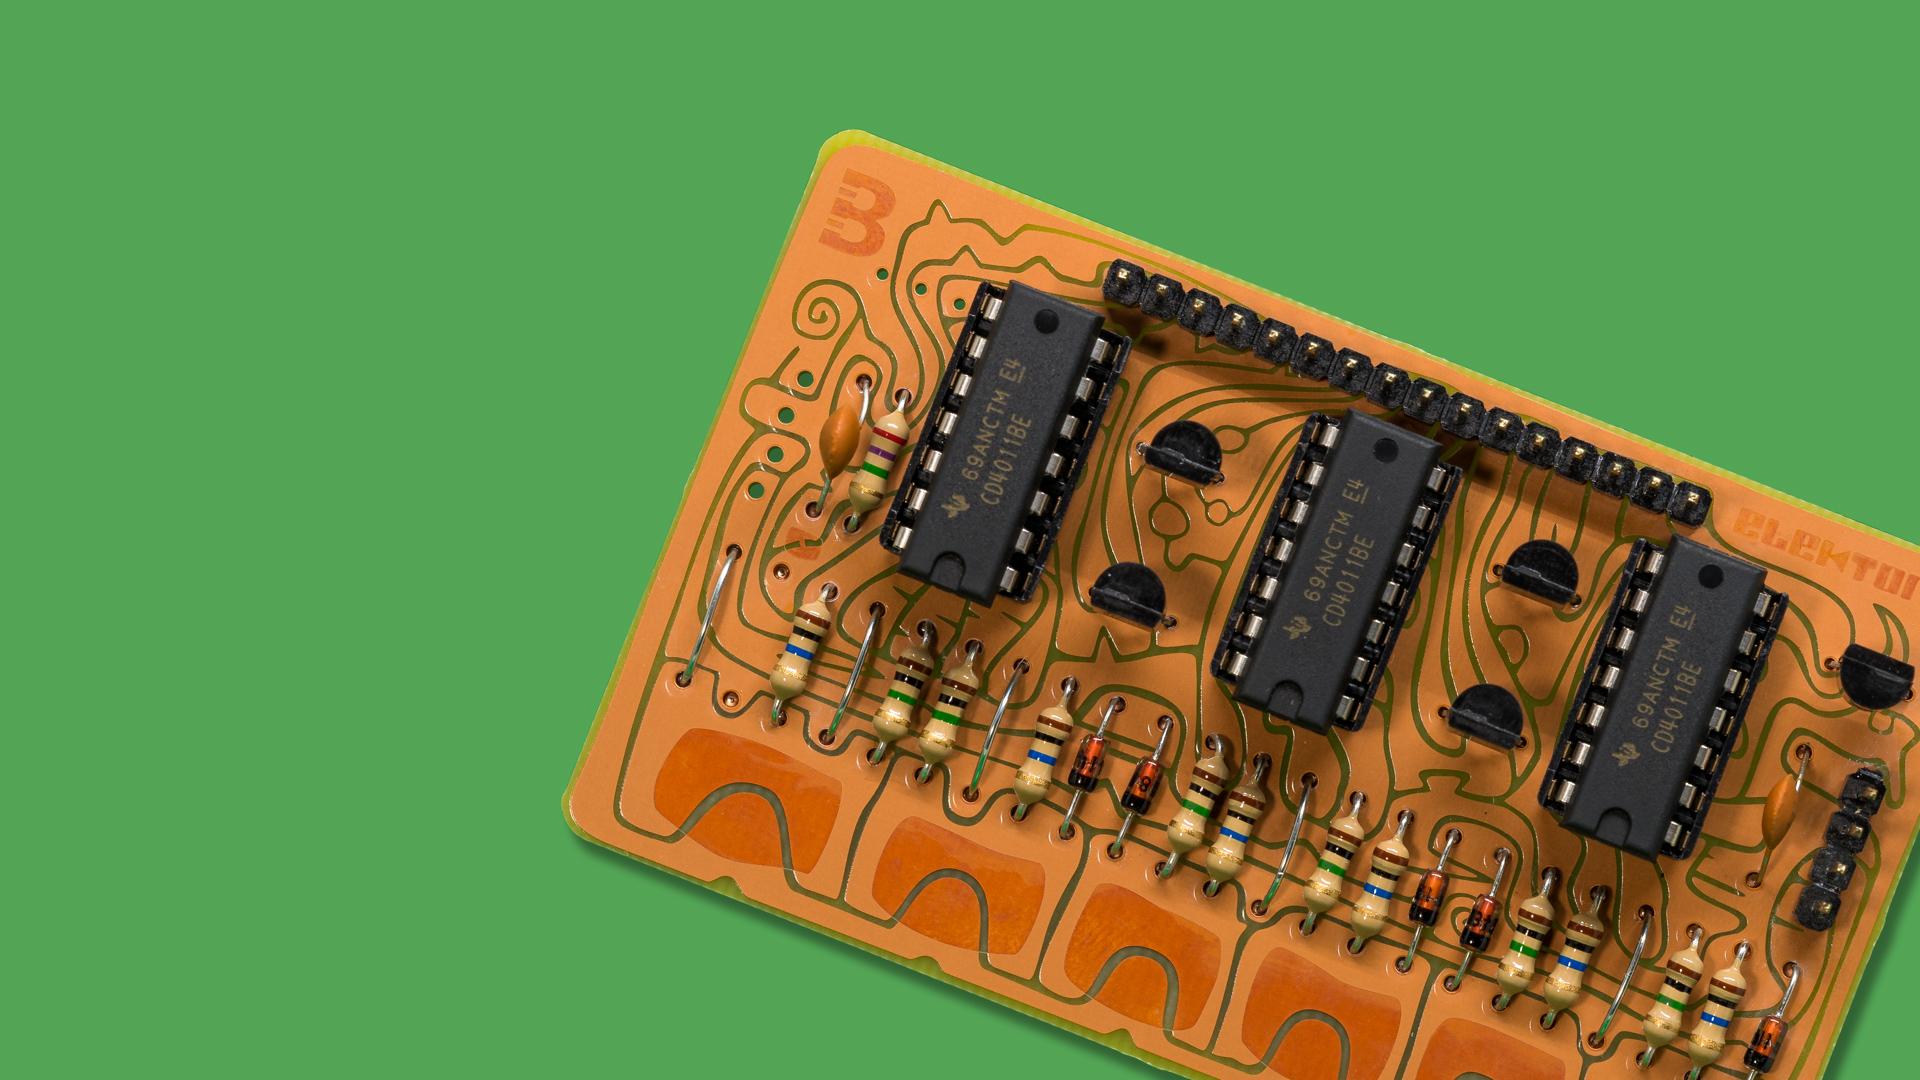 f3209db45c6b42288834da662dec2635.jpeg